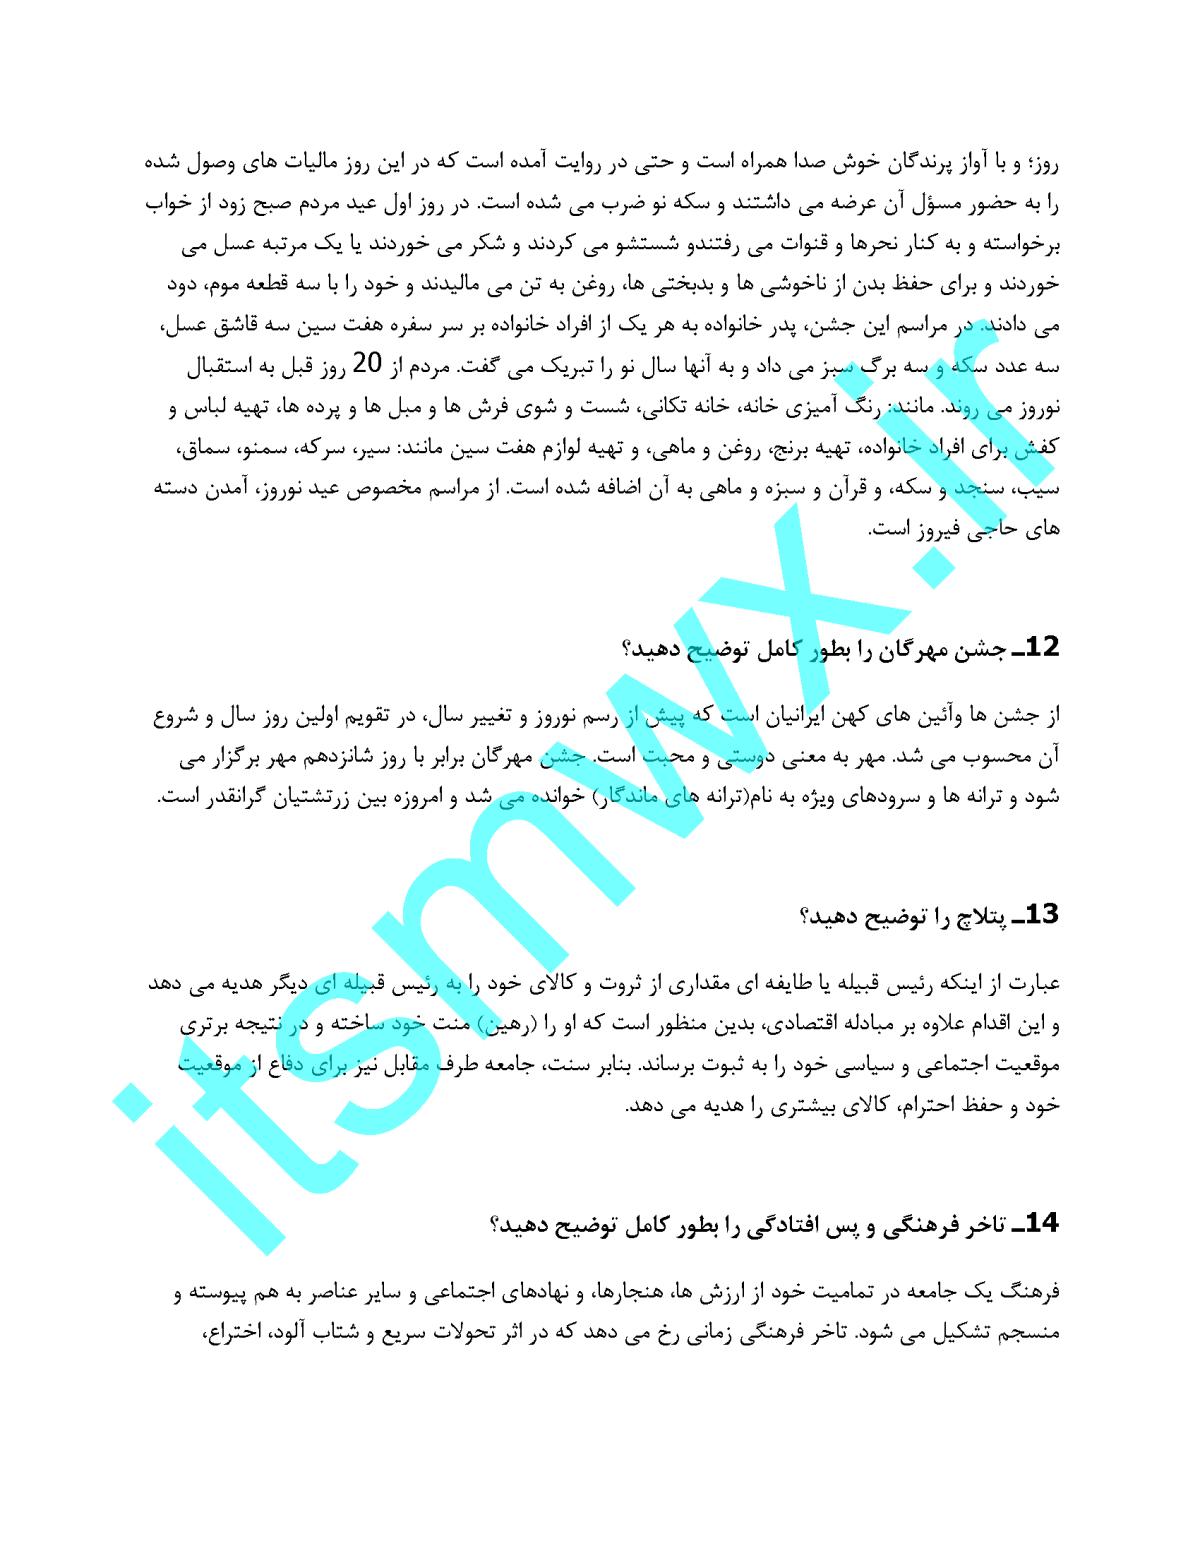 نمونه سوال و جزوات فرهنگ عمومی محمد حسن میرزا محمدی (قابل سرچ) دانشگاه جامع علمی کاربردی